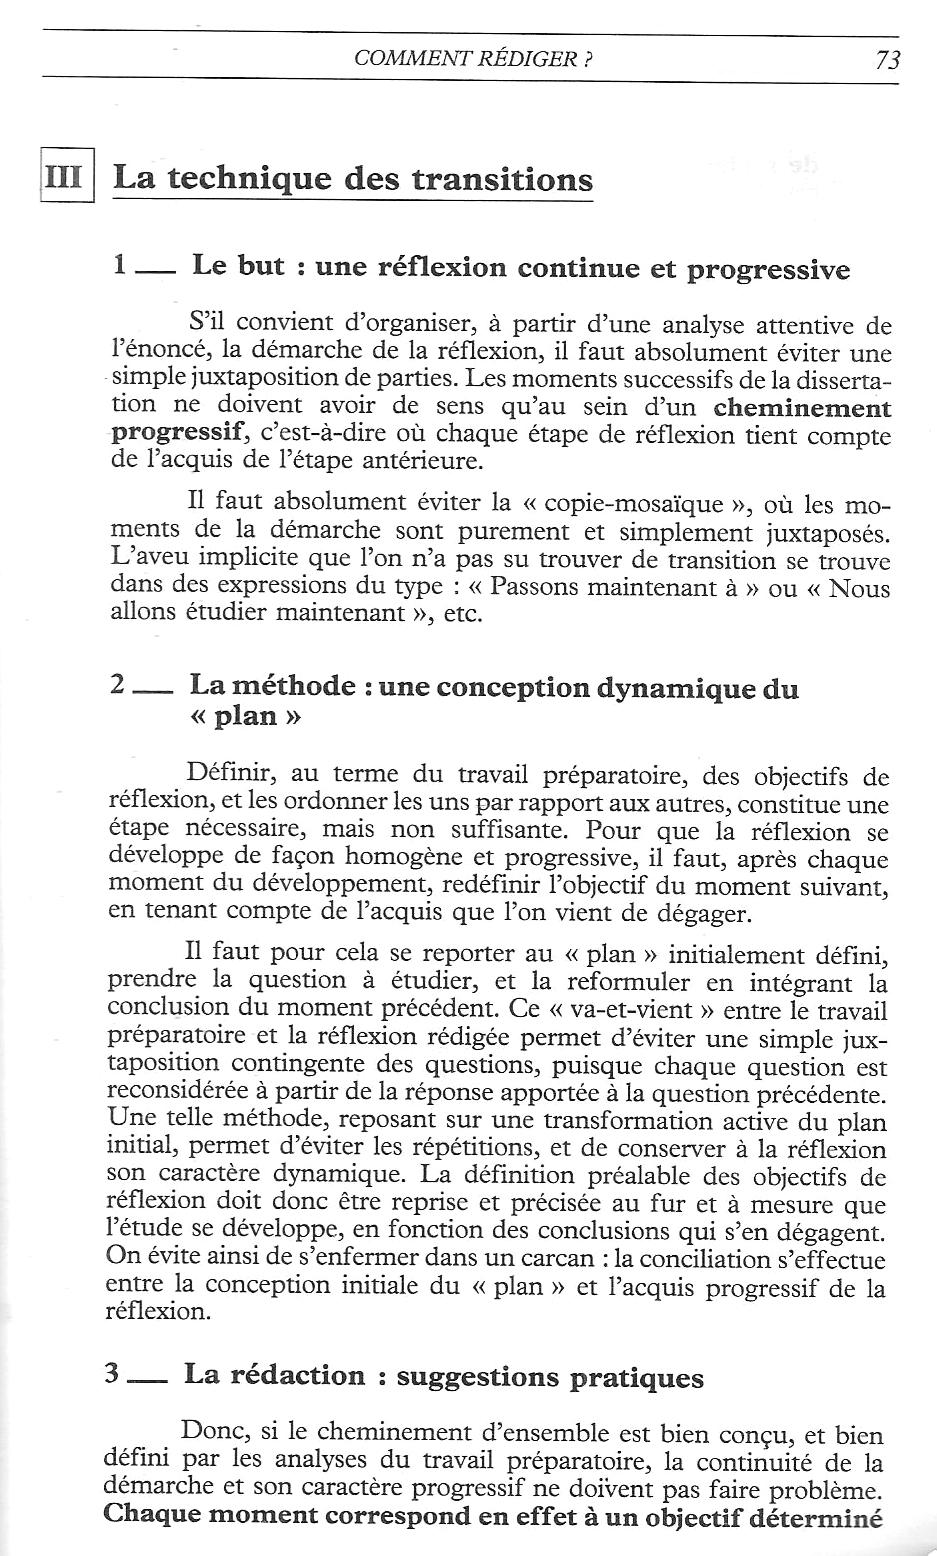 dissertation de philo 24 mars 2010  dans la dissertation de philo, l'étudiant apprendra, par l'exemple, comment  surmonter l'épreuve si redoutée du bac, en assistant à chaque.